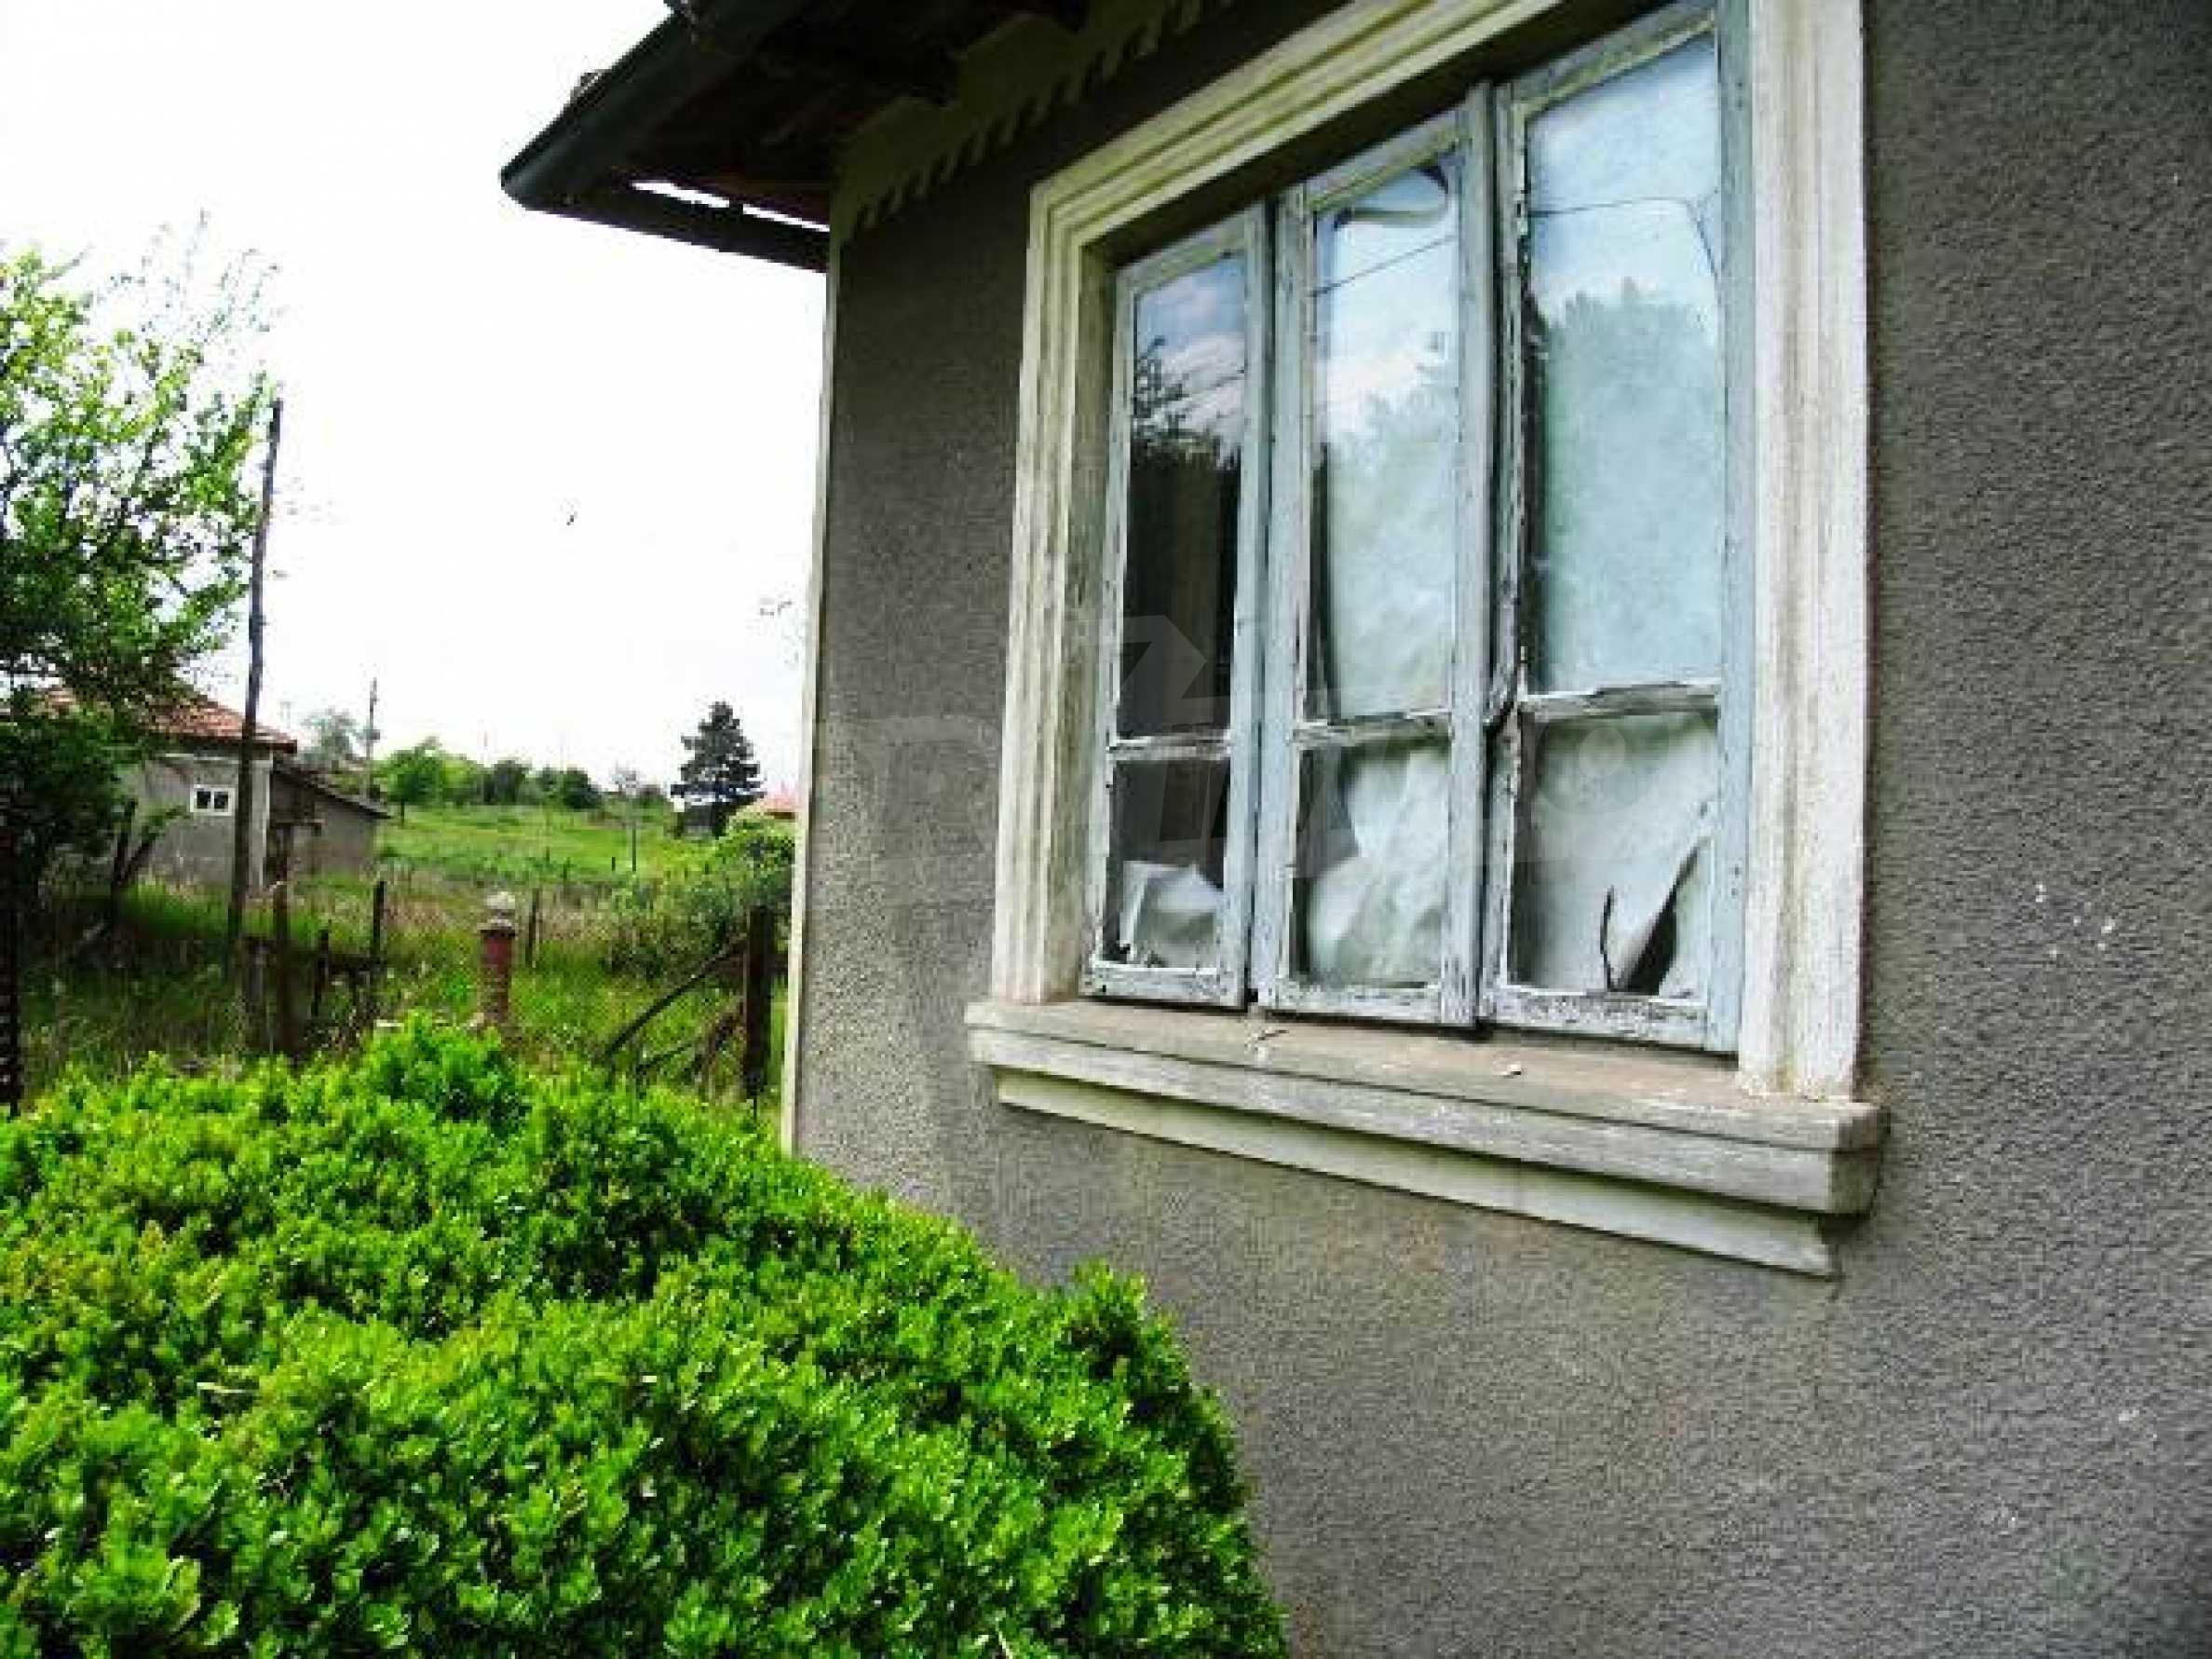 House for sale in Zementsi village near by Romanian border 6